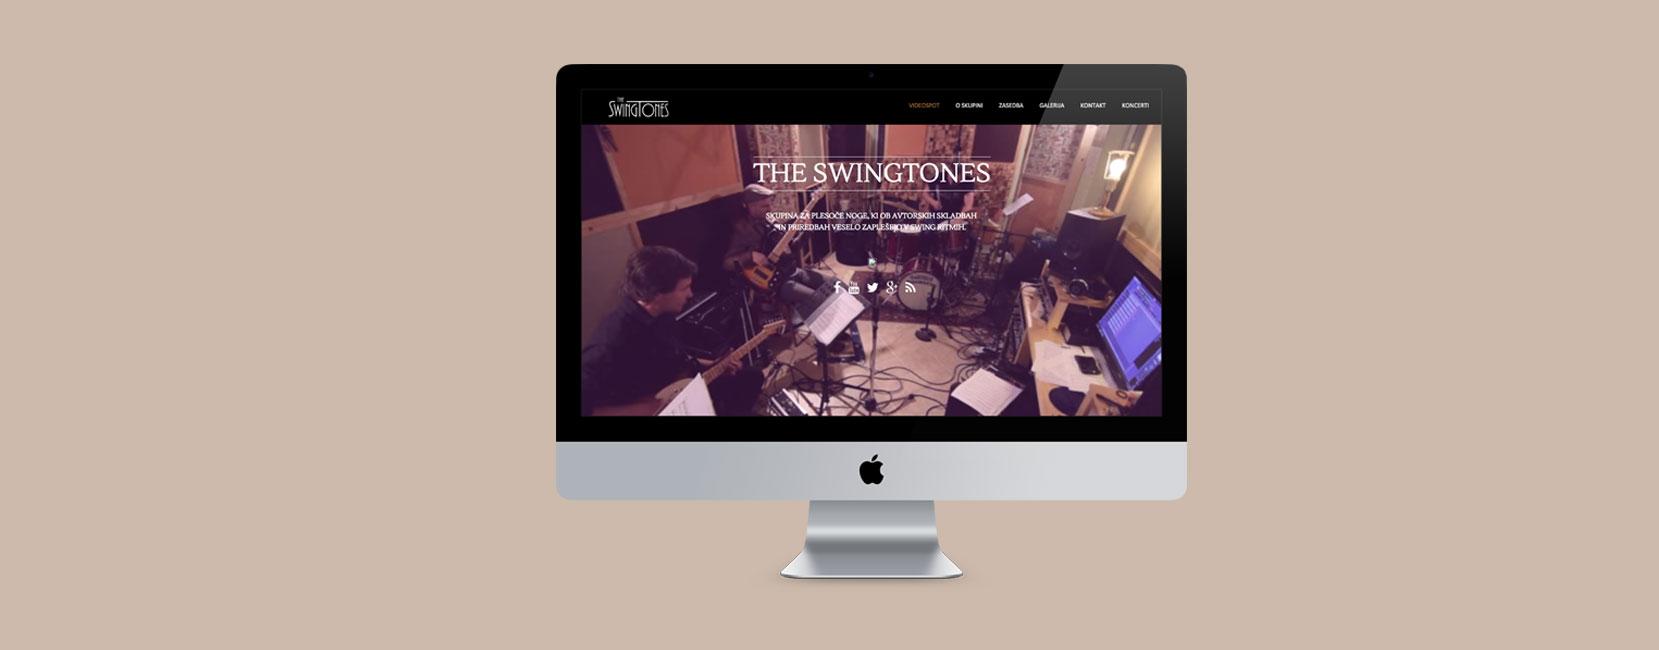 The Swingtones Website